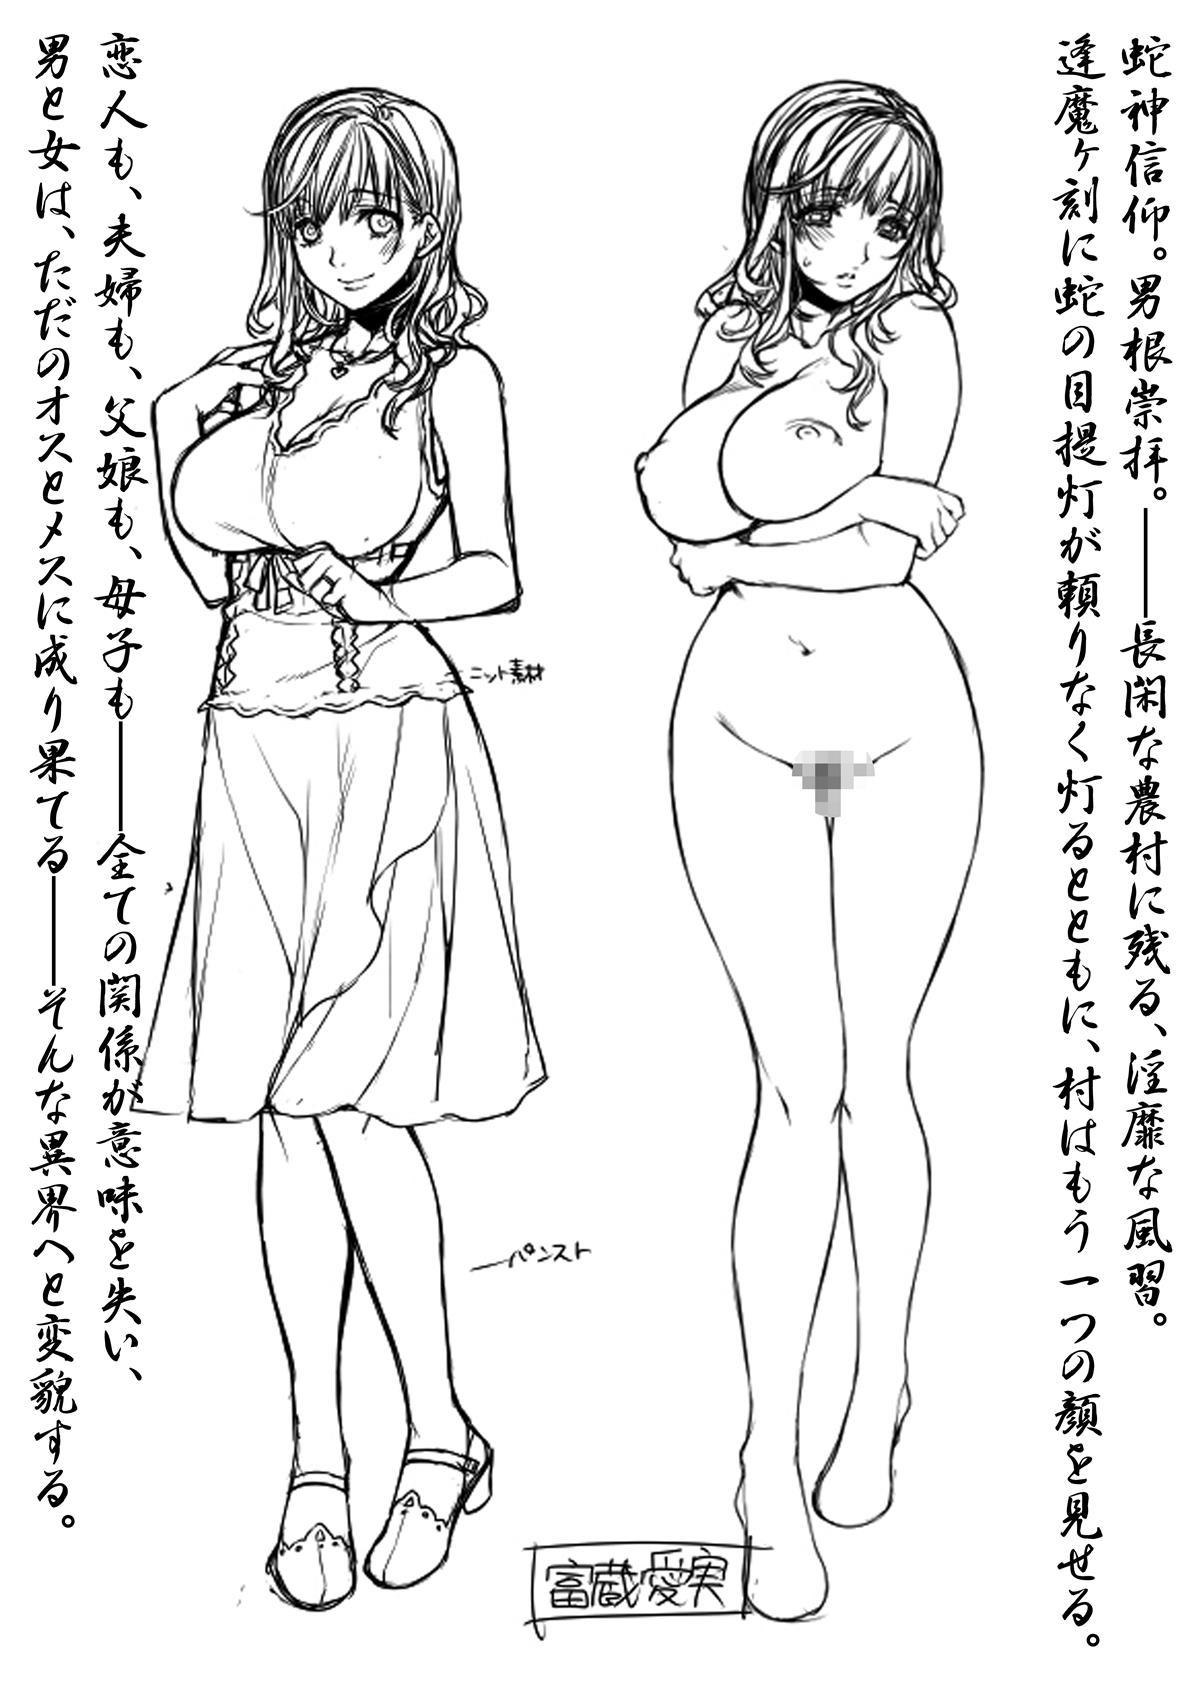 【エロ漫画・エロ同人誌】巨乳未亡人にエッチな悪戯されるショタっ子www (16)